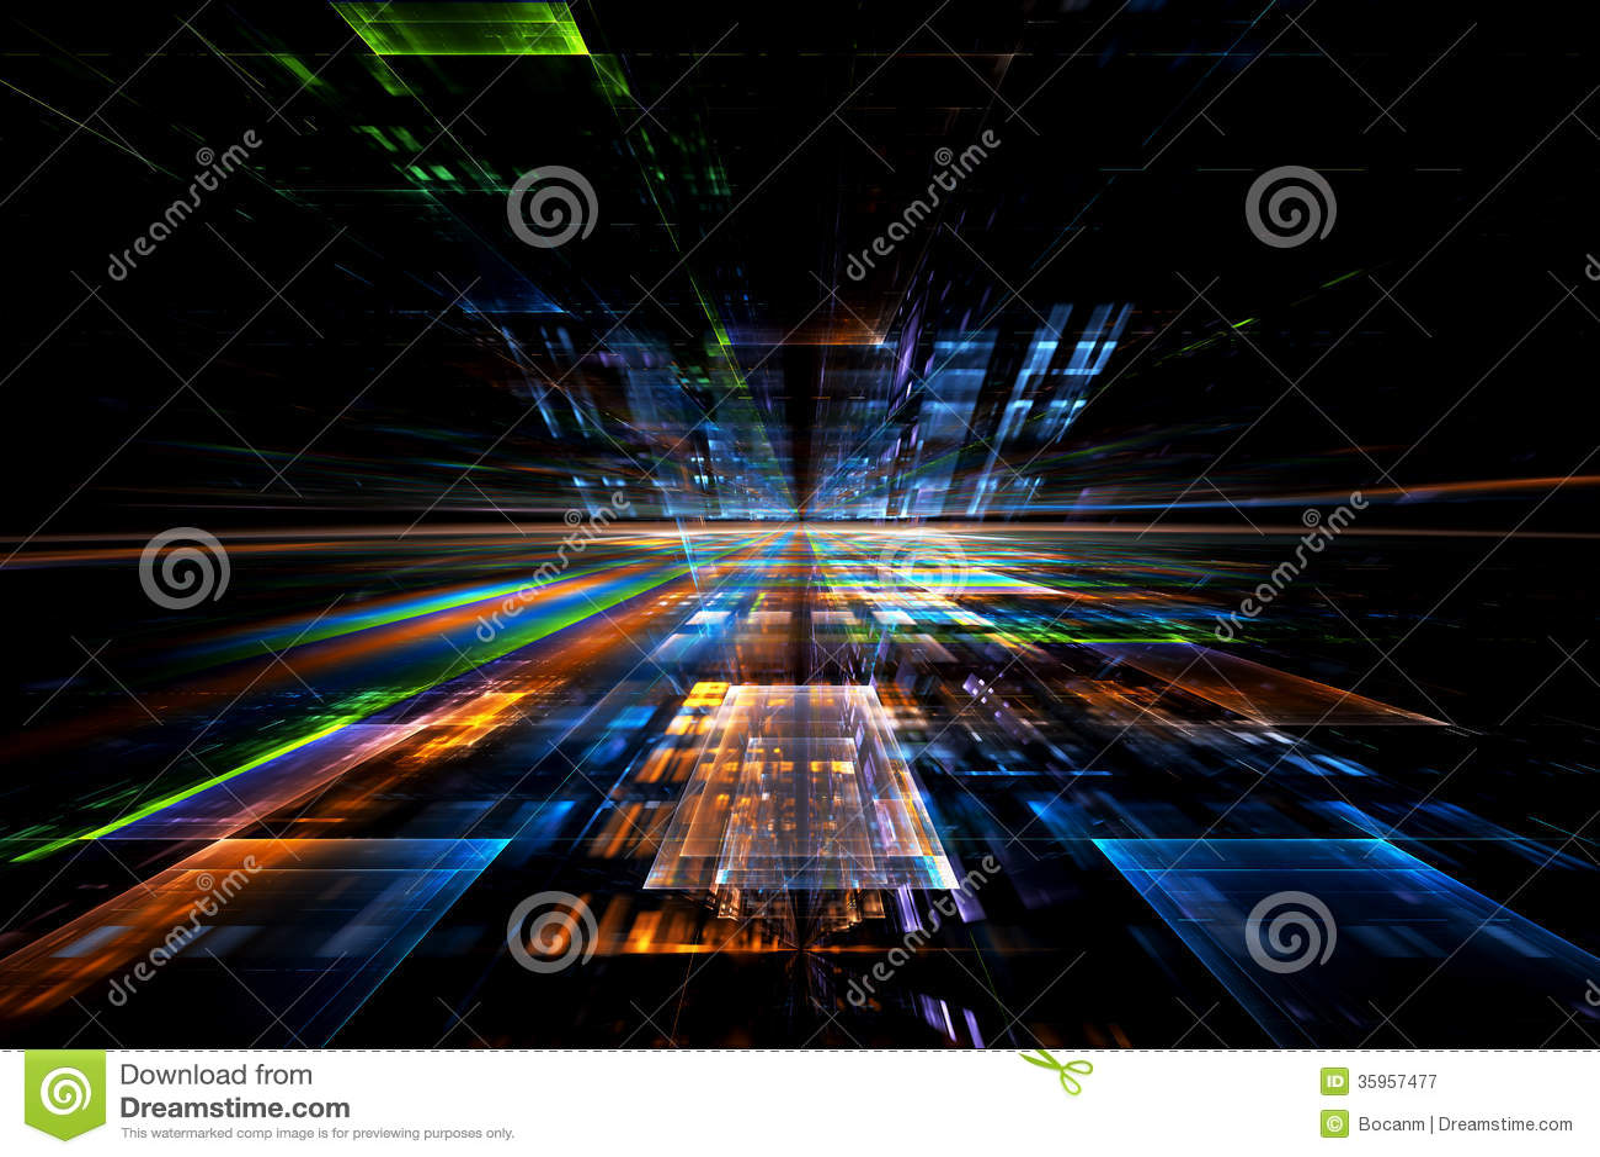 Fondo futurista abstracto